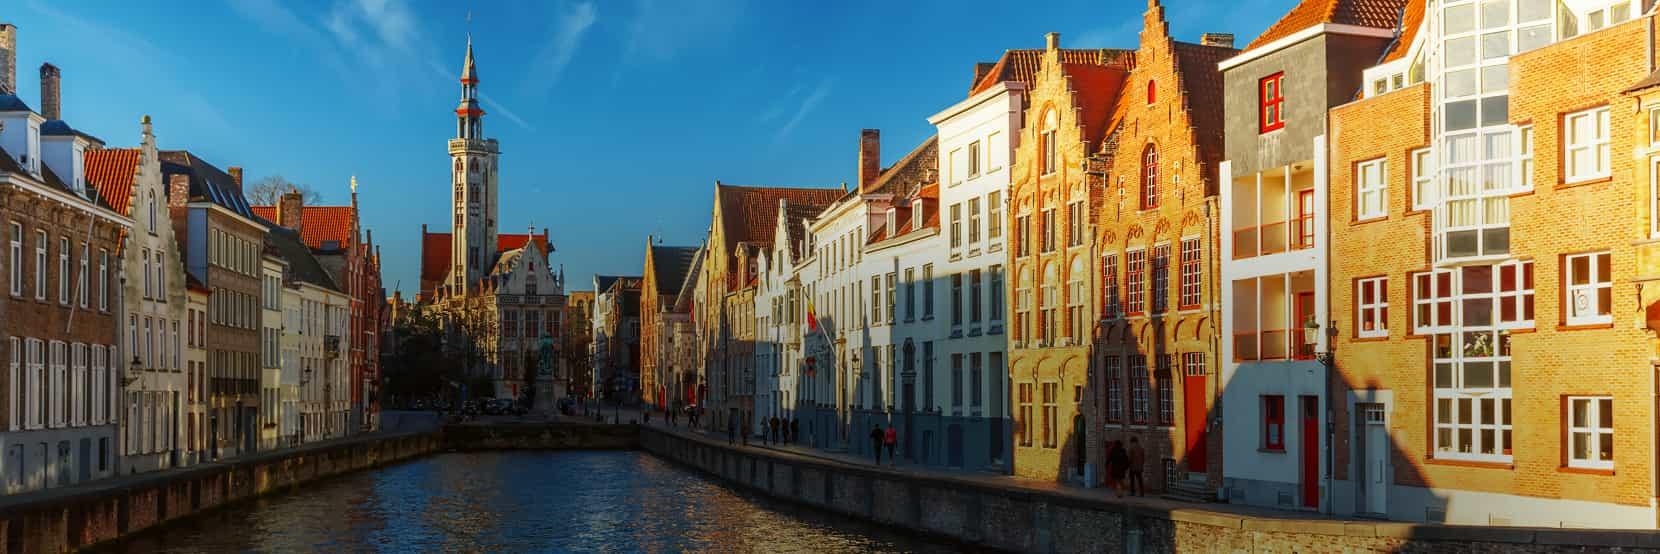 8a94e0382df416 Przesyłki, paczka do Belgii - tani kurierzy, szybka dostawa, cena ...